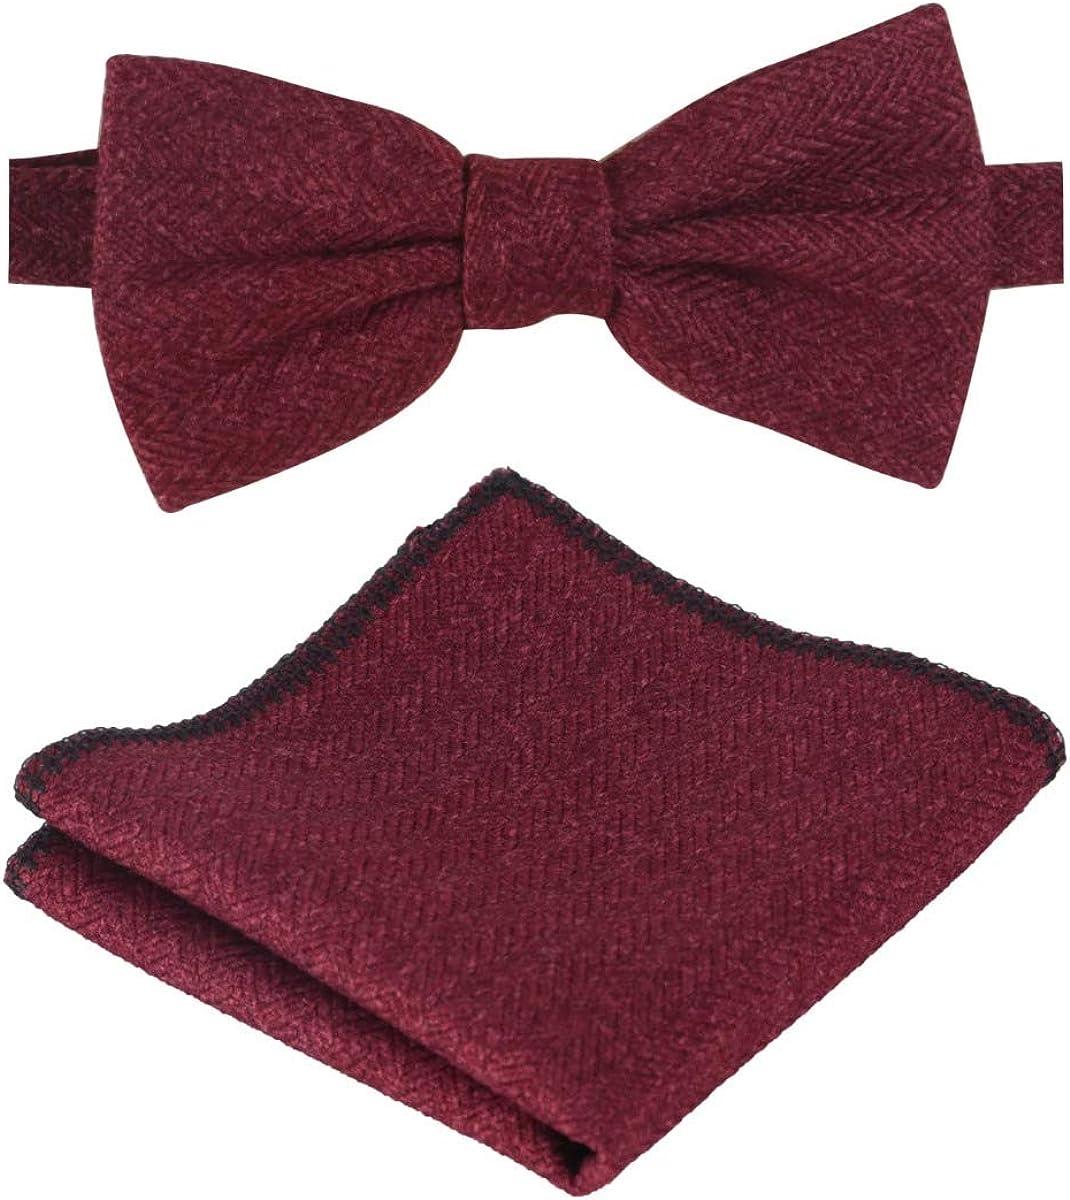 Boys Herringbone Tweed Wedding Dickie Bow Tie /& Handkerchief Set in Burgundy